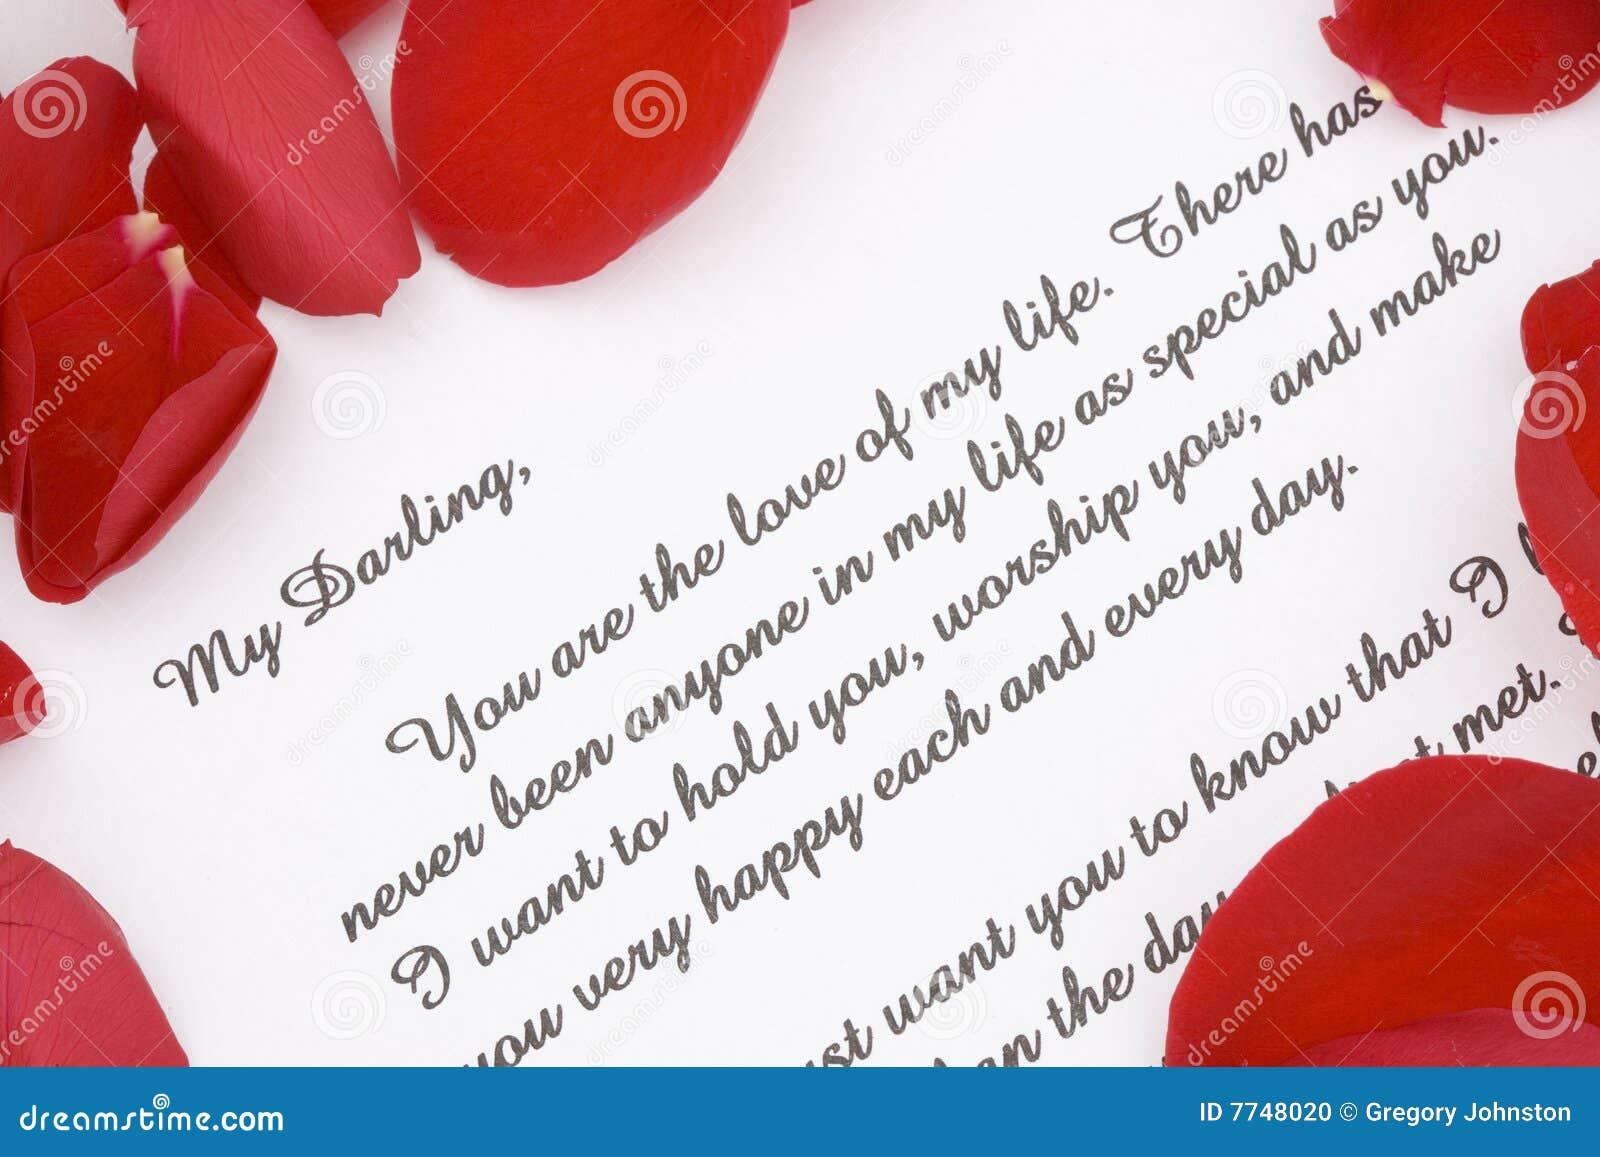 Cartas Del Dia De San Valentin. Carta De Amor De Las Tarjetas Del Día De  San Valentín ...